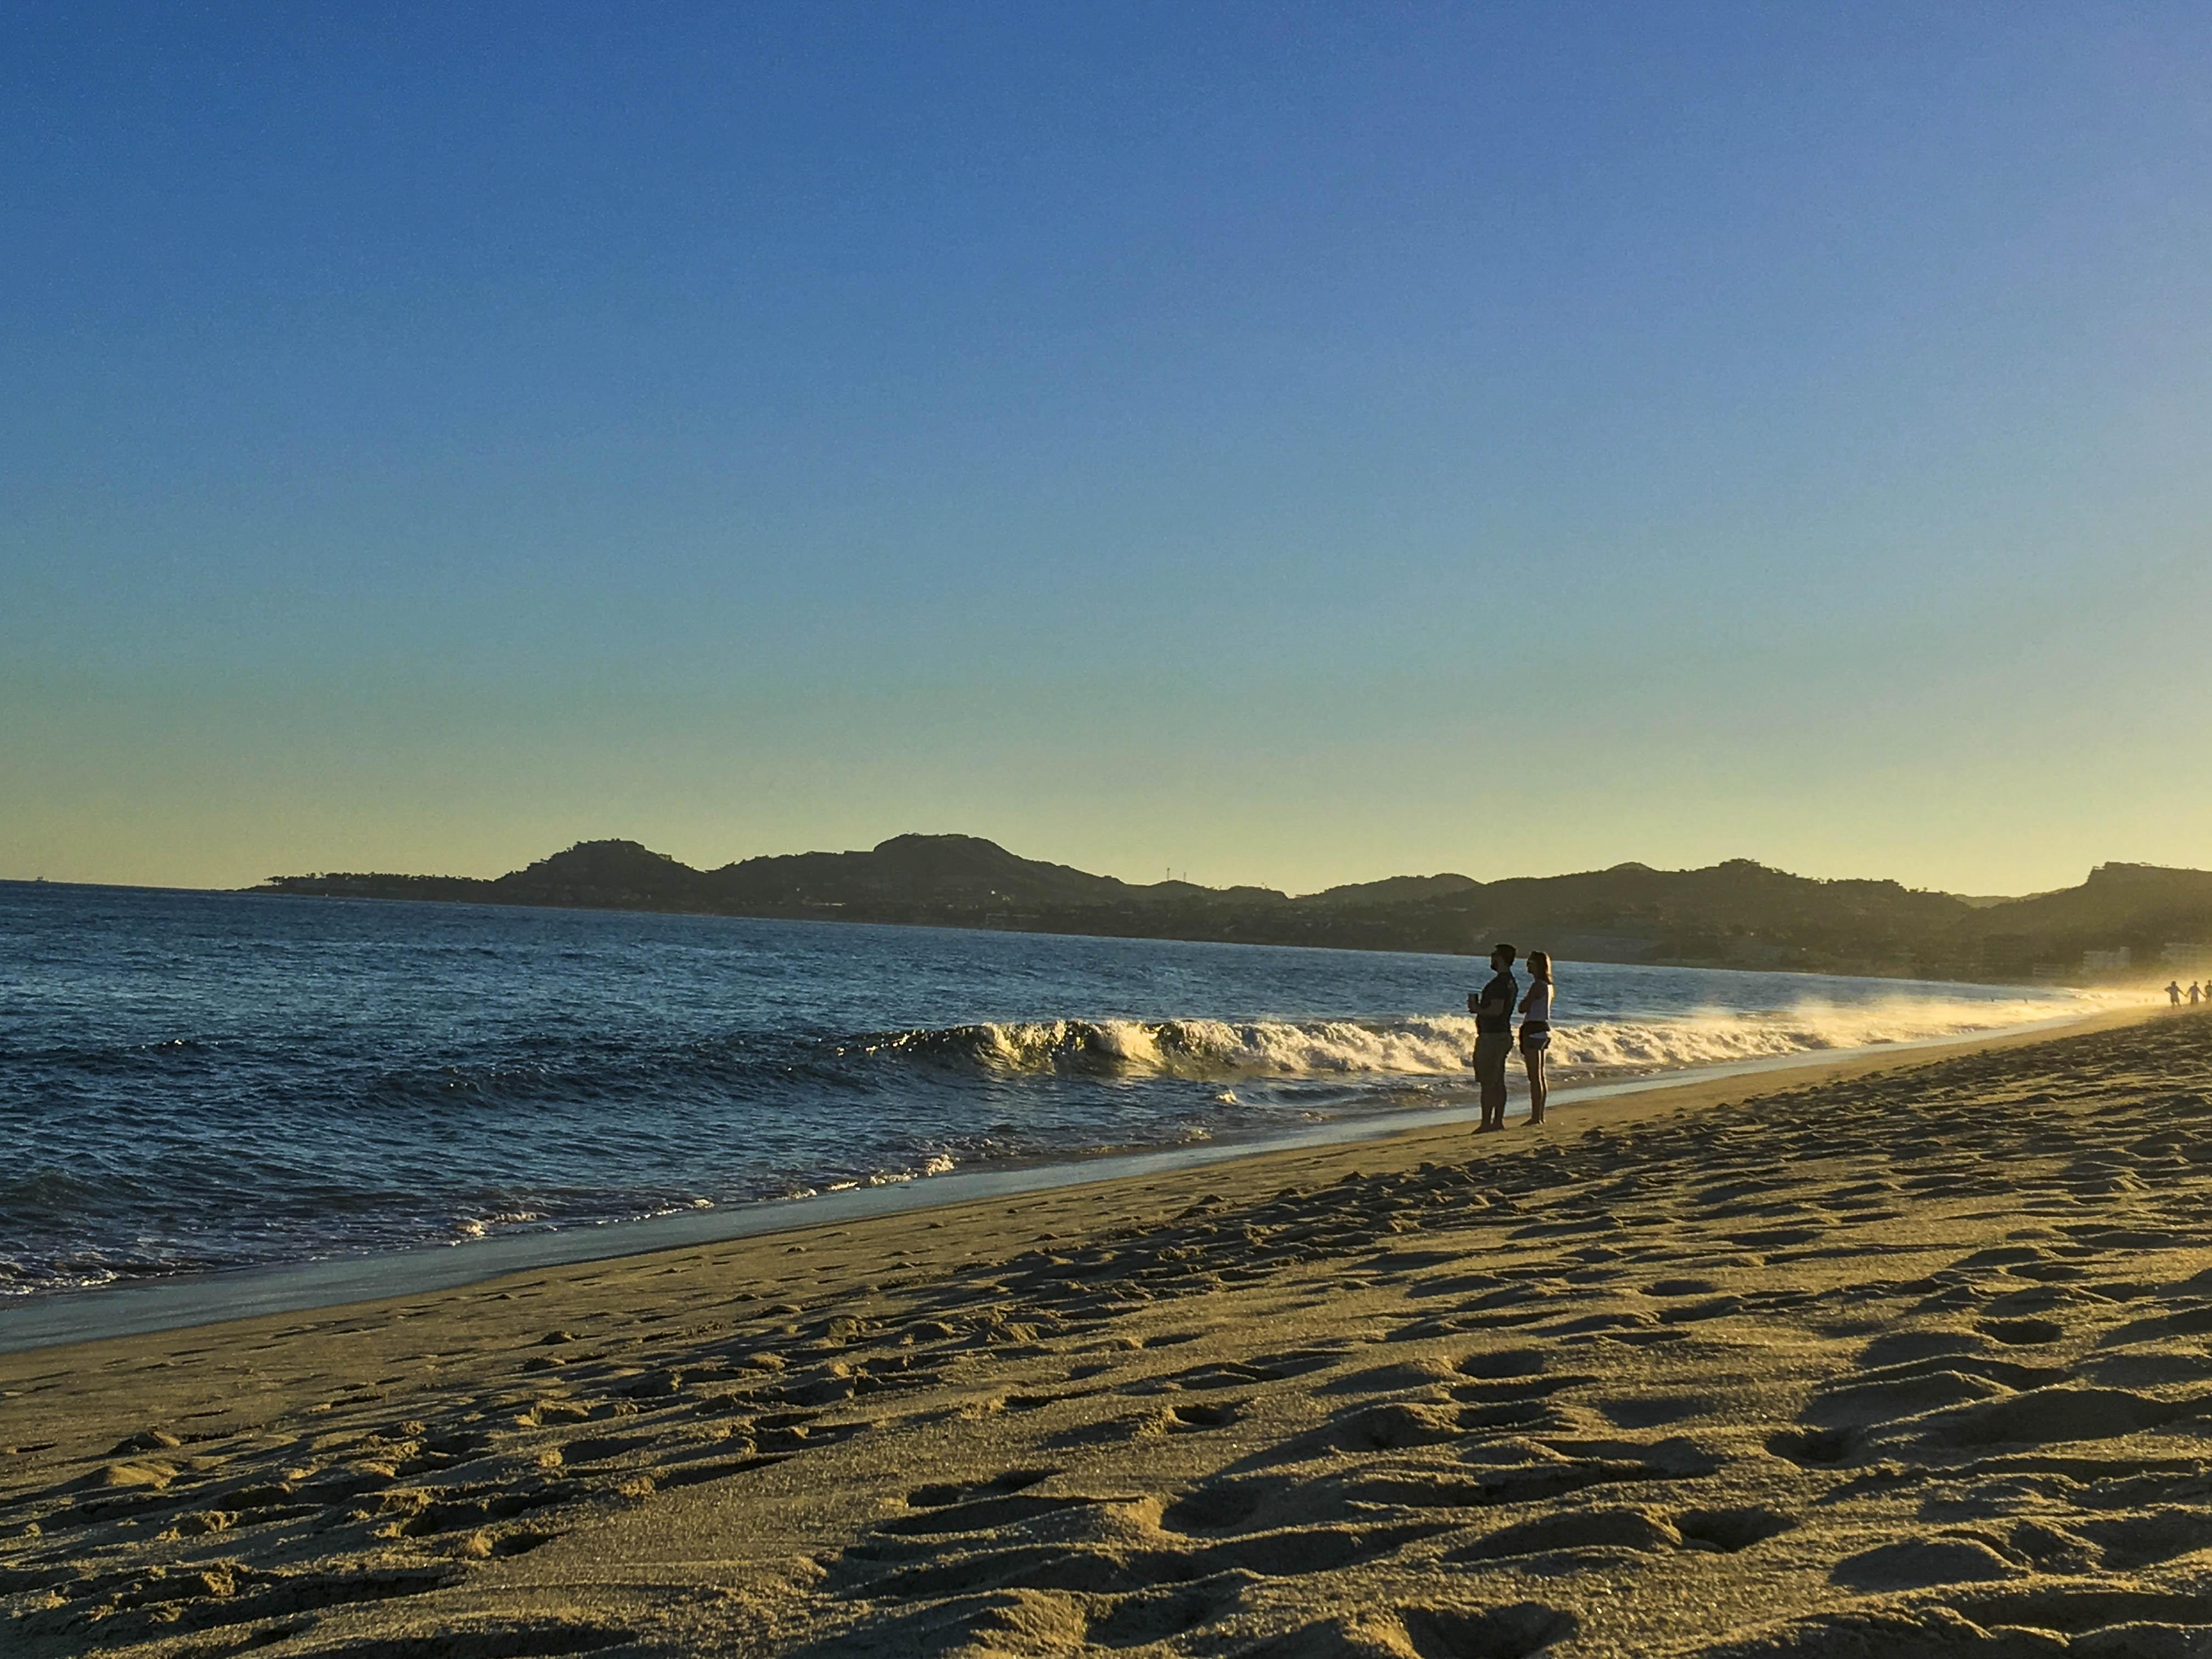 danto_solano_danto.solanoj@gmail.com_baja_california_sur_los_cabos_viaje_avion_vacaciones_aventura_21k_carrera_playa_atardecer_amanecer_el_arco_ballenas_5